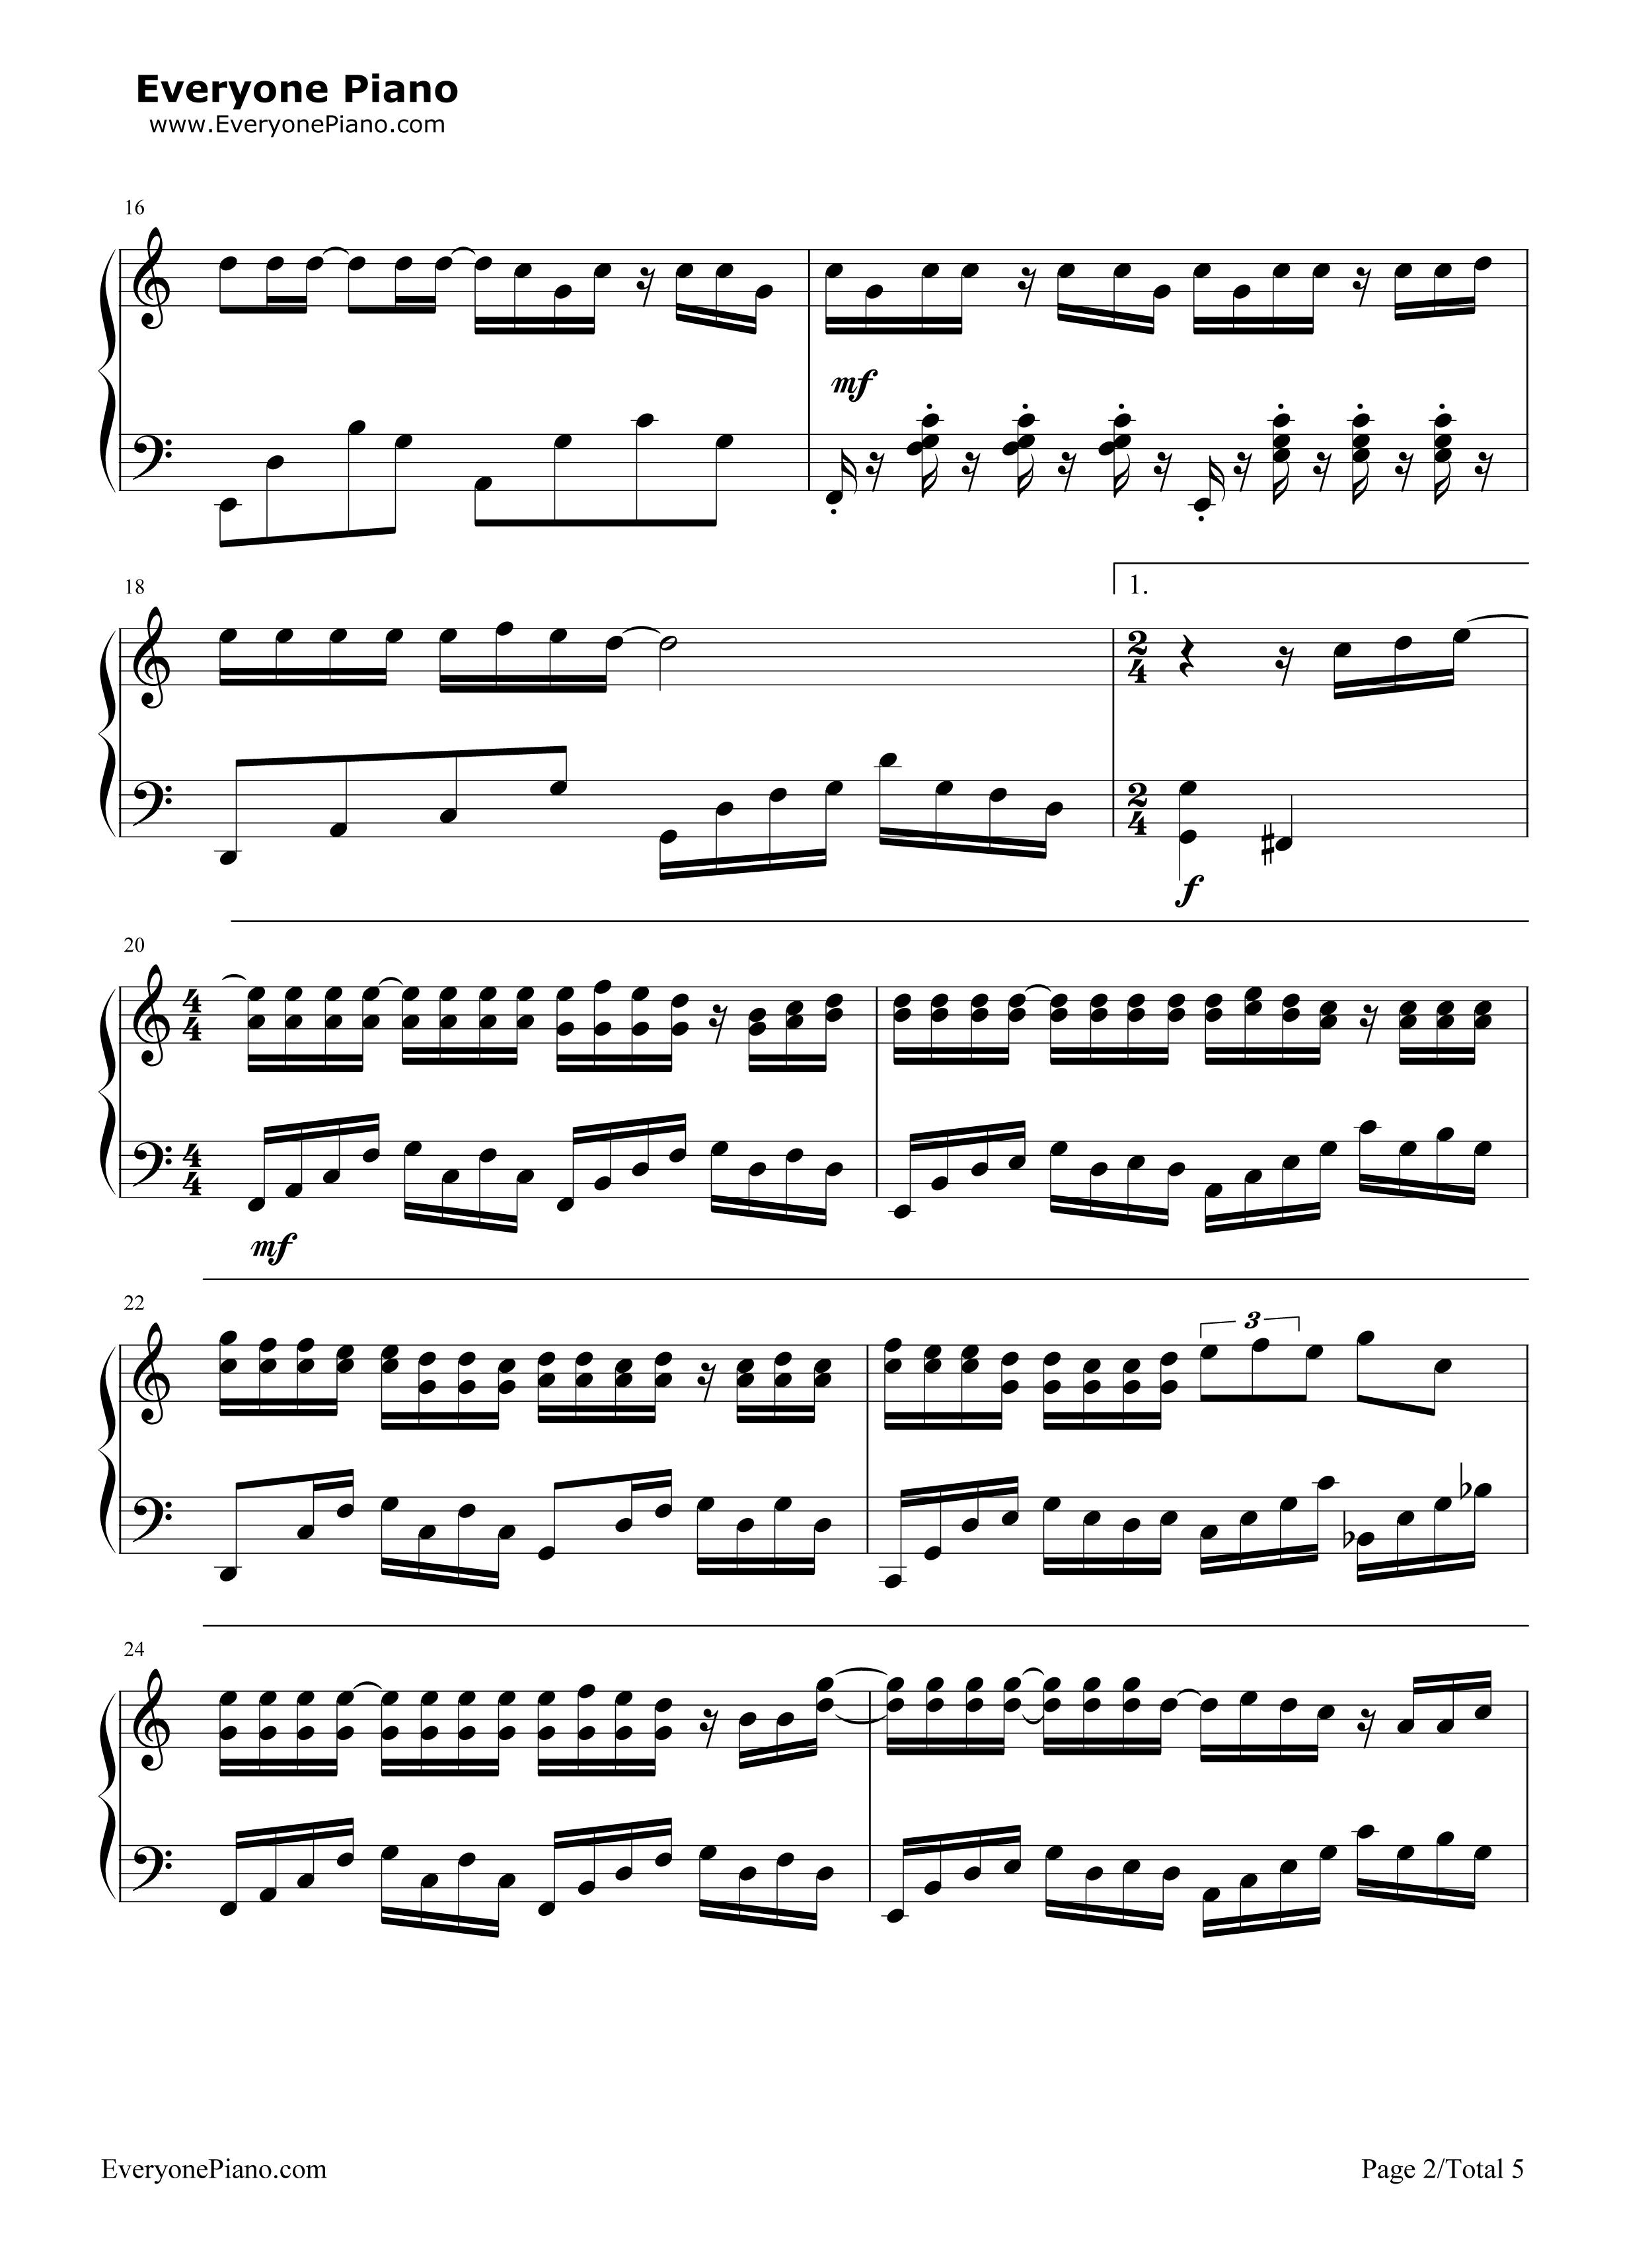 钢琴曲谱 流行 说好的幸福呢 说好的幸福呢五线谱预览2  }  仅供学习